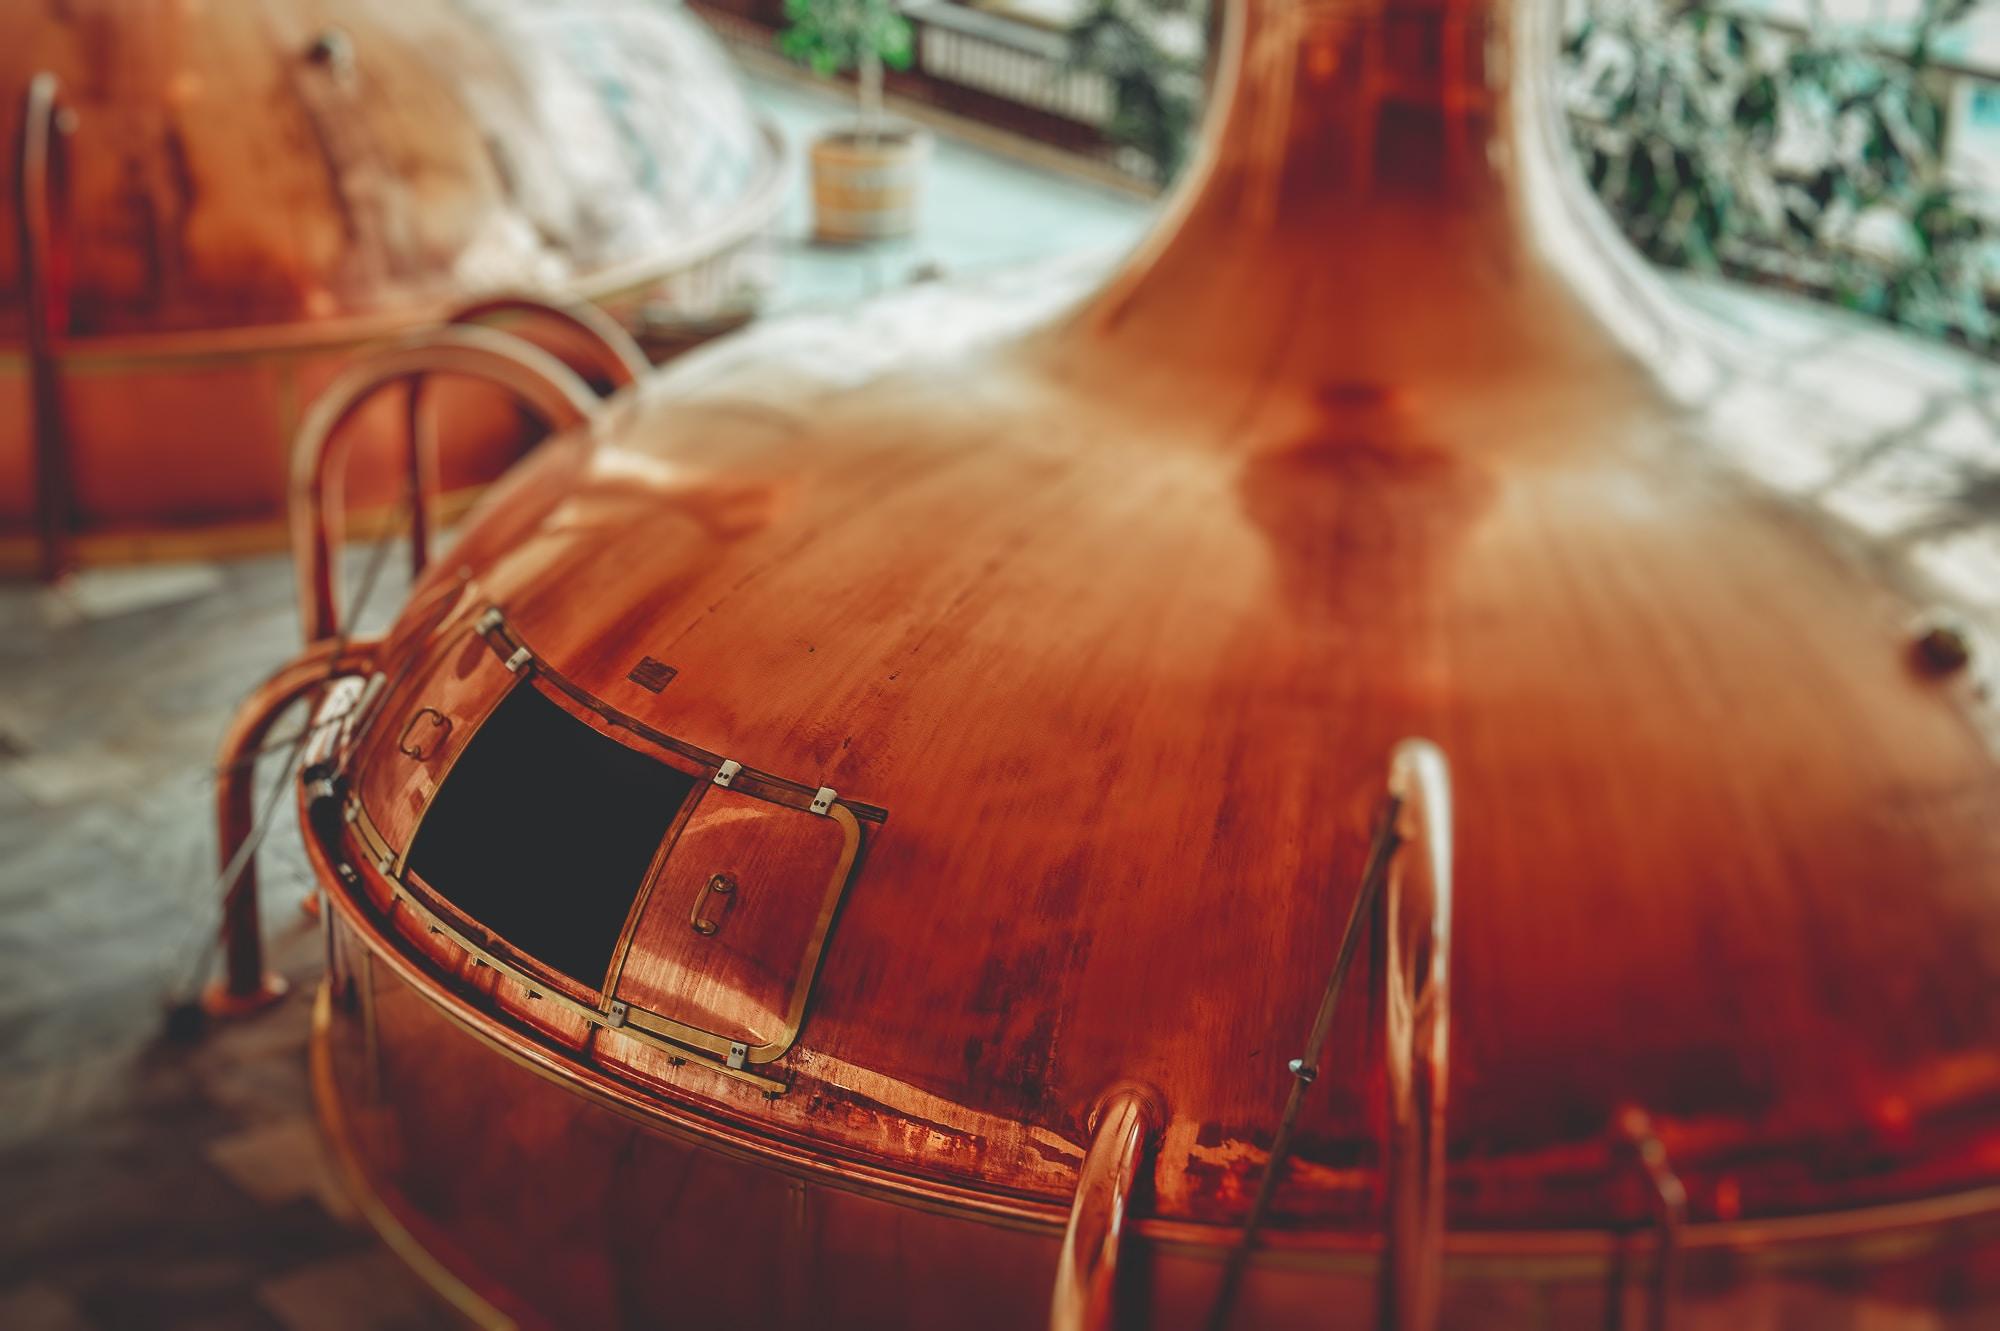 Top view of a copper alcohol distillery in Budějovický Budvar, národní Podsednik